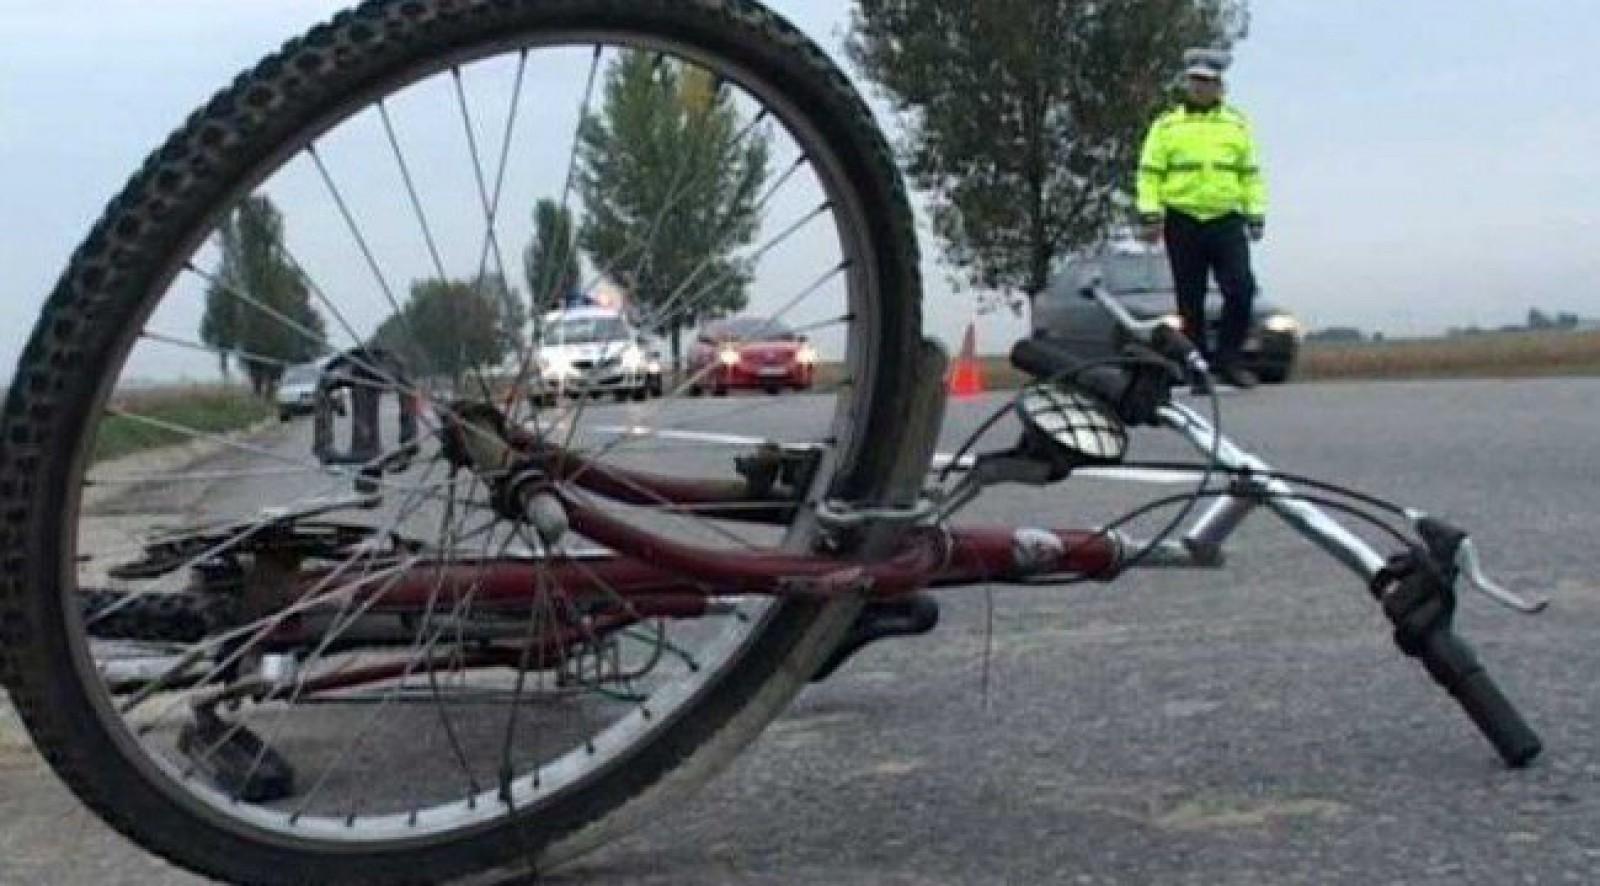 Tragedie pe traseul Chișinău-Soroca: Un biciclist a fost lovit mortal de un automobil